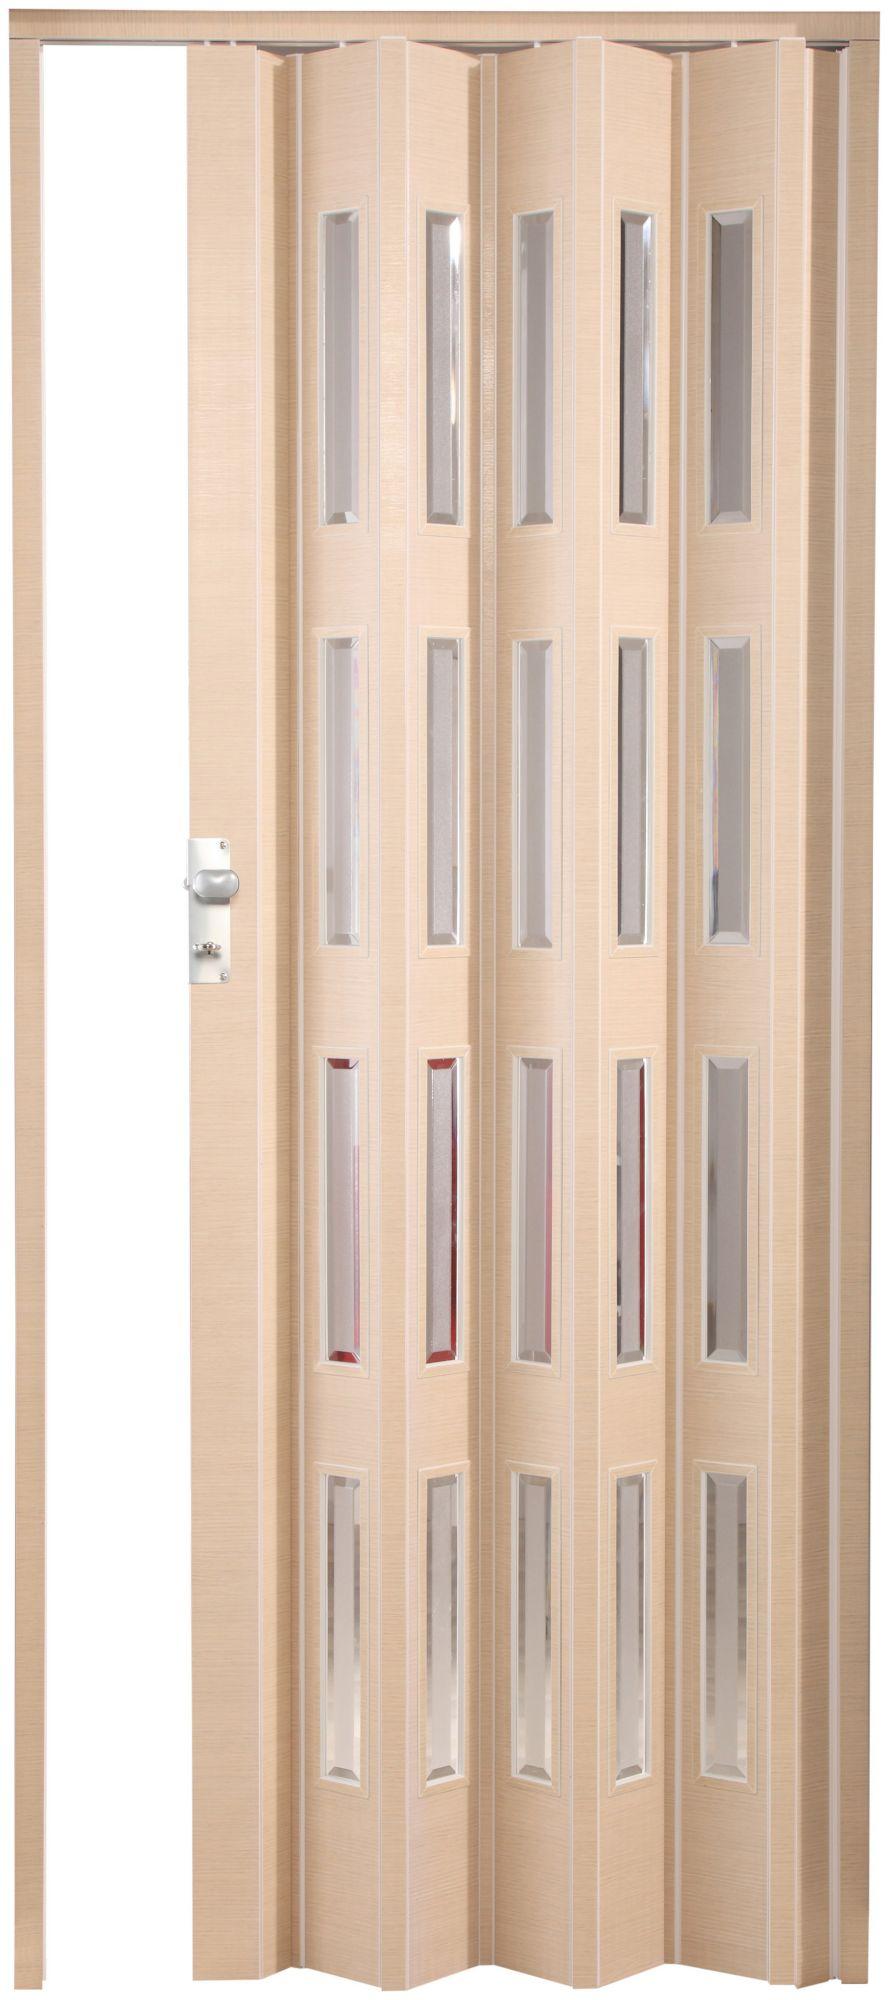 FORTE  Kunststoff-Falttür »Elvira«, wildeiche natur, mit 4 Fenstern in Cristall